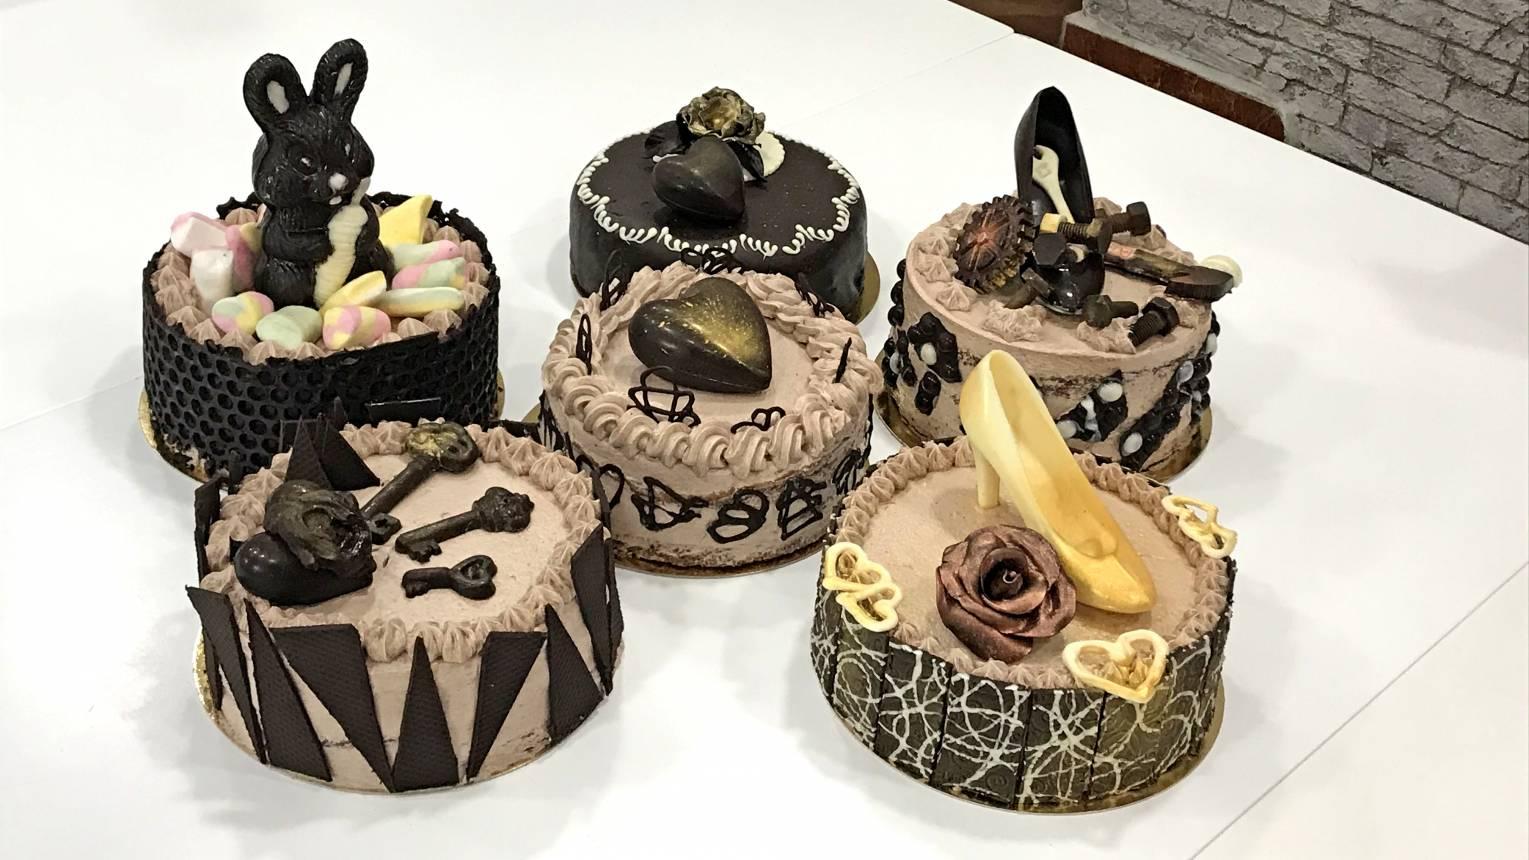 Csokoládé fantázia torta készítés és csokoládé díszítések kurzus